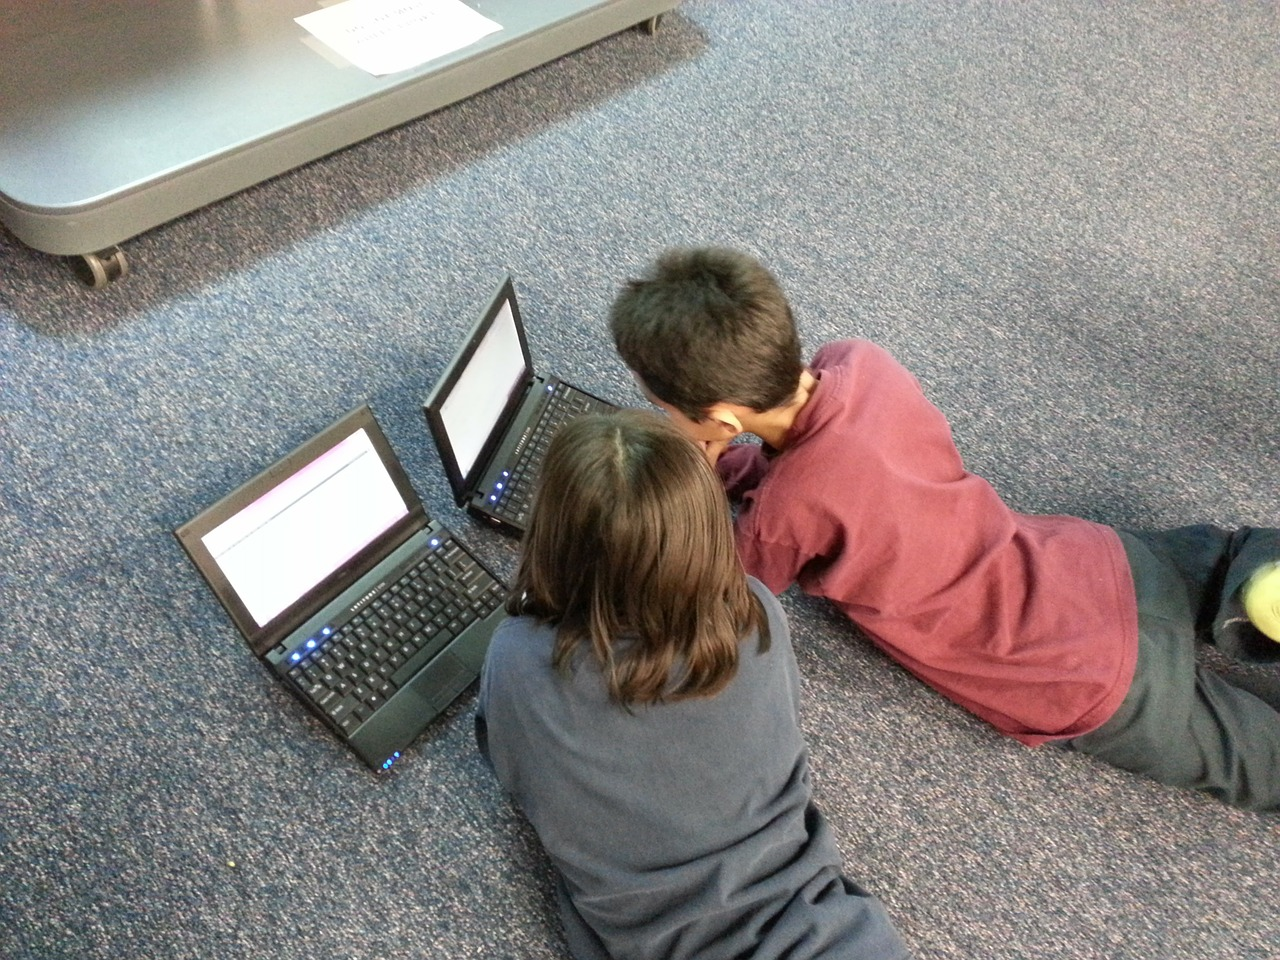 boy 110762 1280 - สอนลูกให้ใช้อินเทอร์เน็ตอย่างไรให้ปลอดภัย